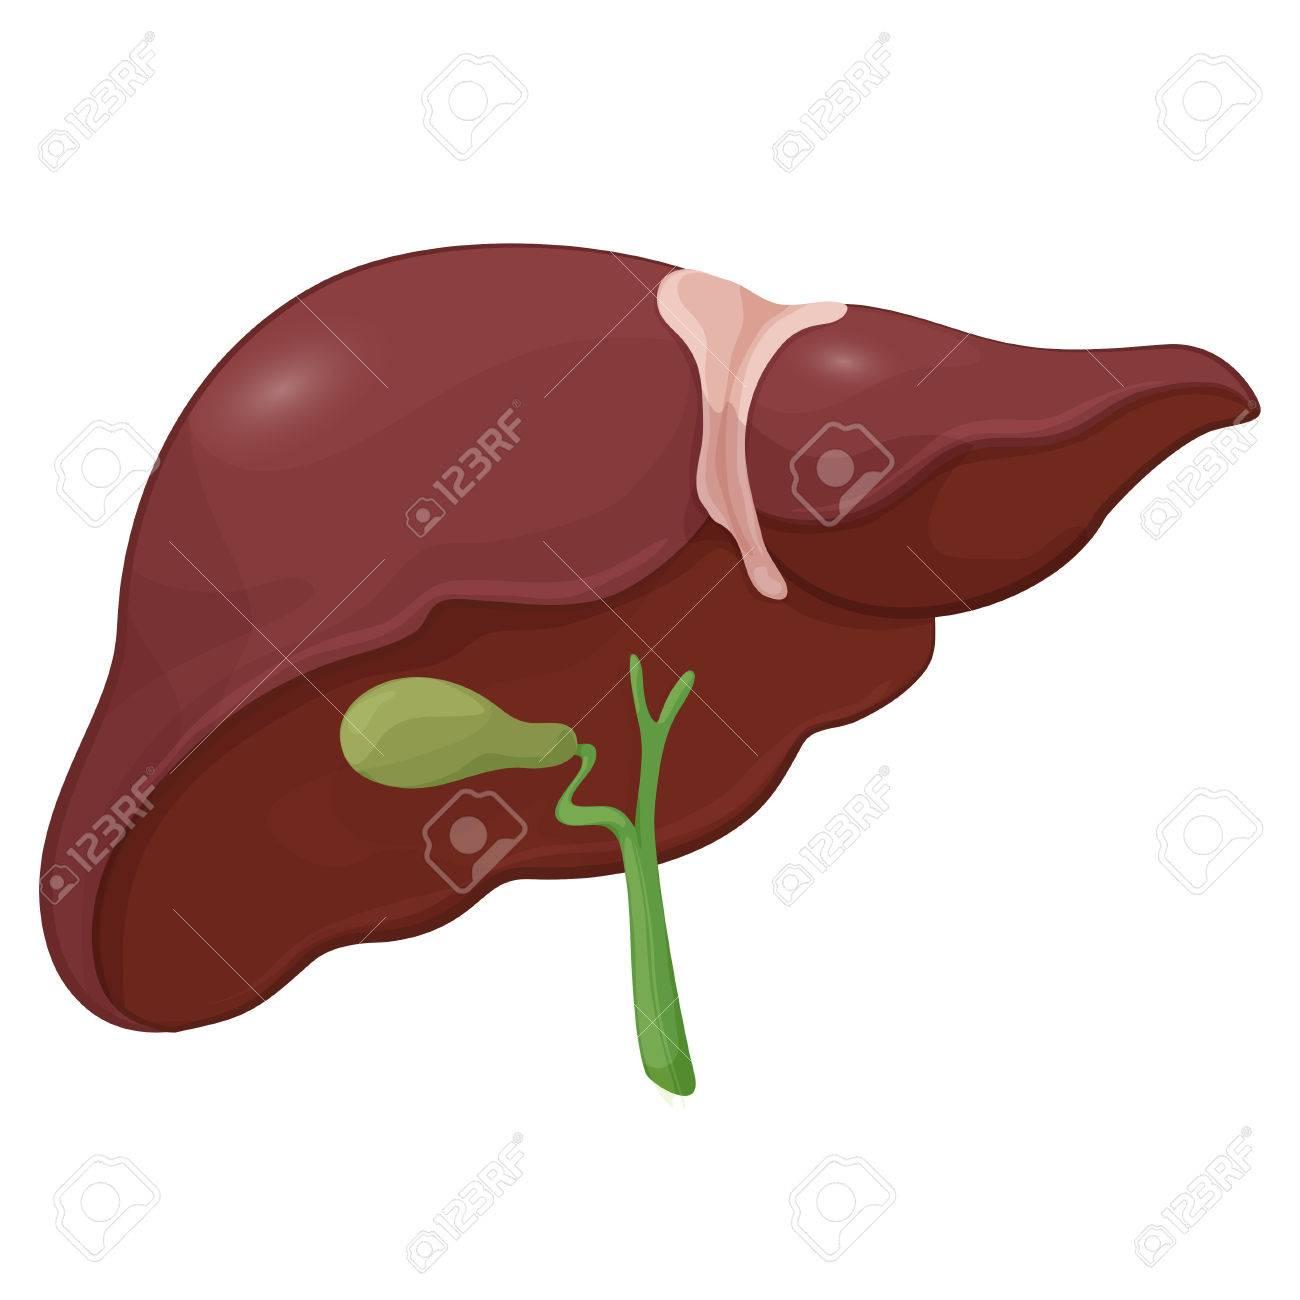 Ilustración De Hígado Humano Con Vesícula Biliar En El Sistema ...